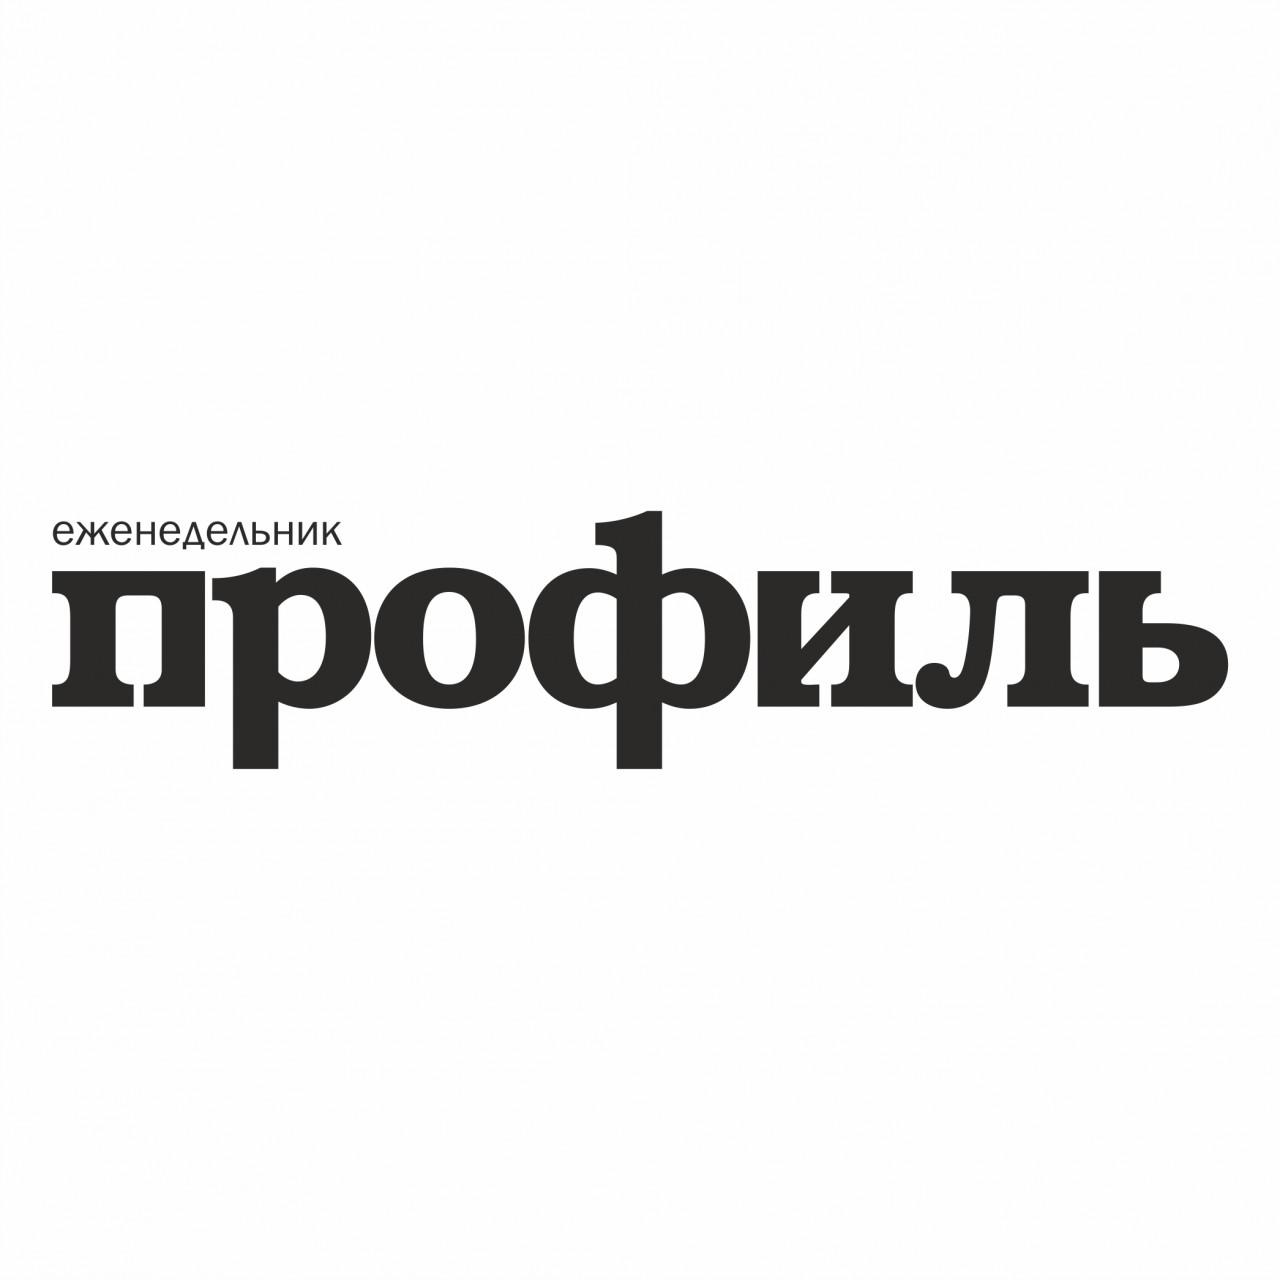 Путин предложил назначить аудитором Счетной палаты Меня